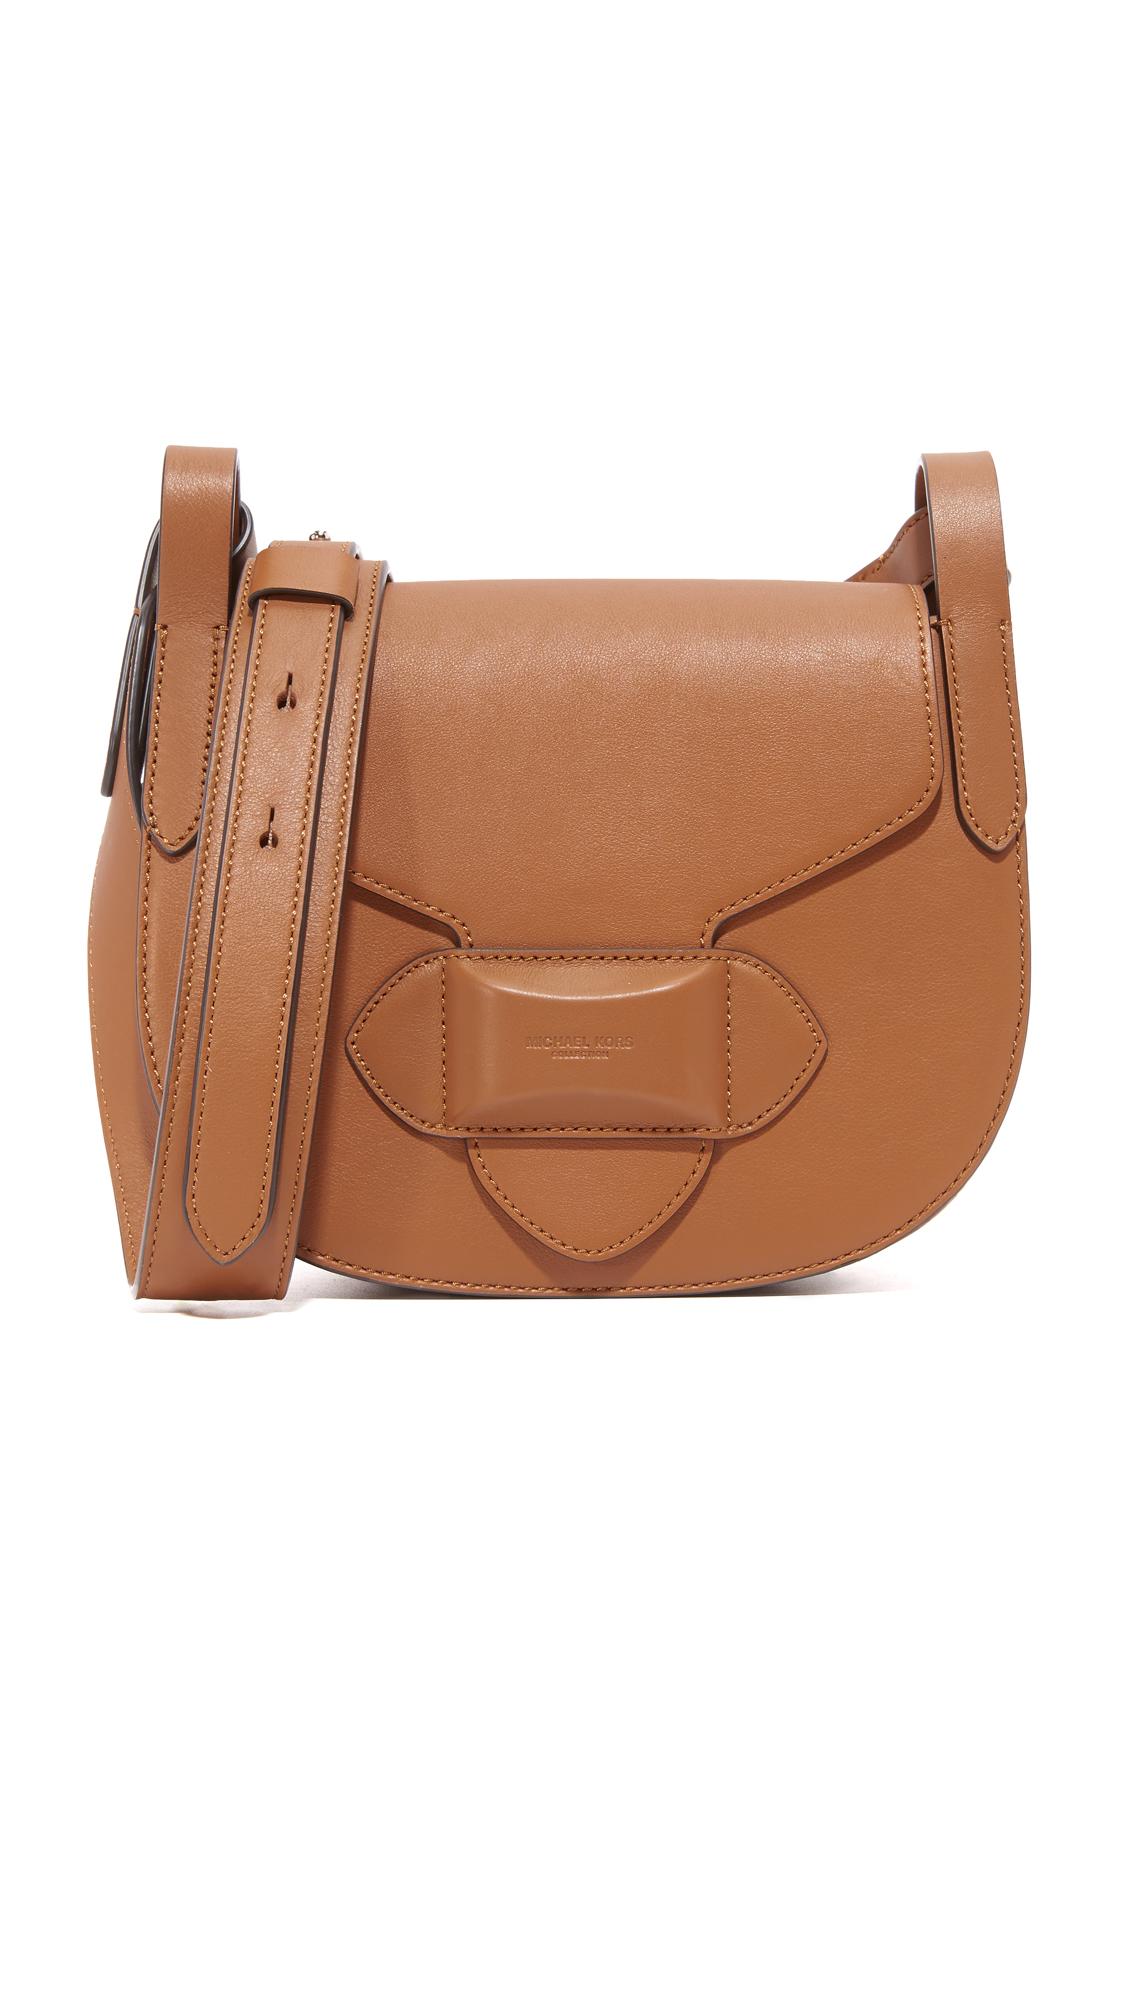 michael kors female  michael kors collection daria small cross body saddle bag luggage